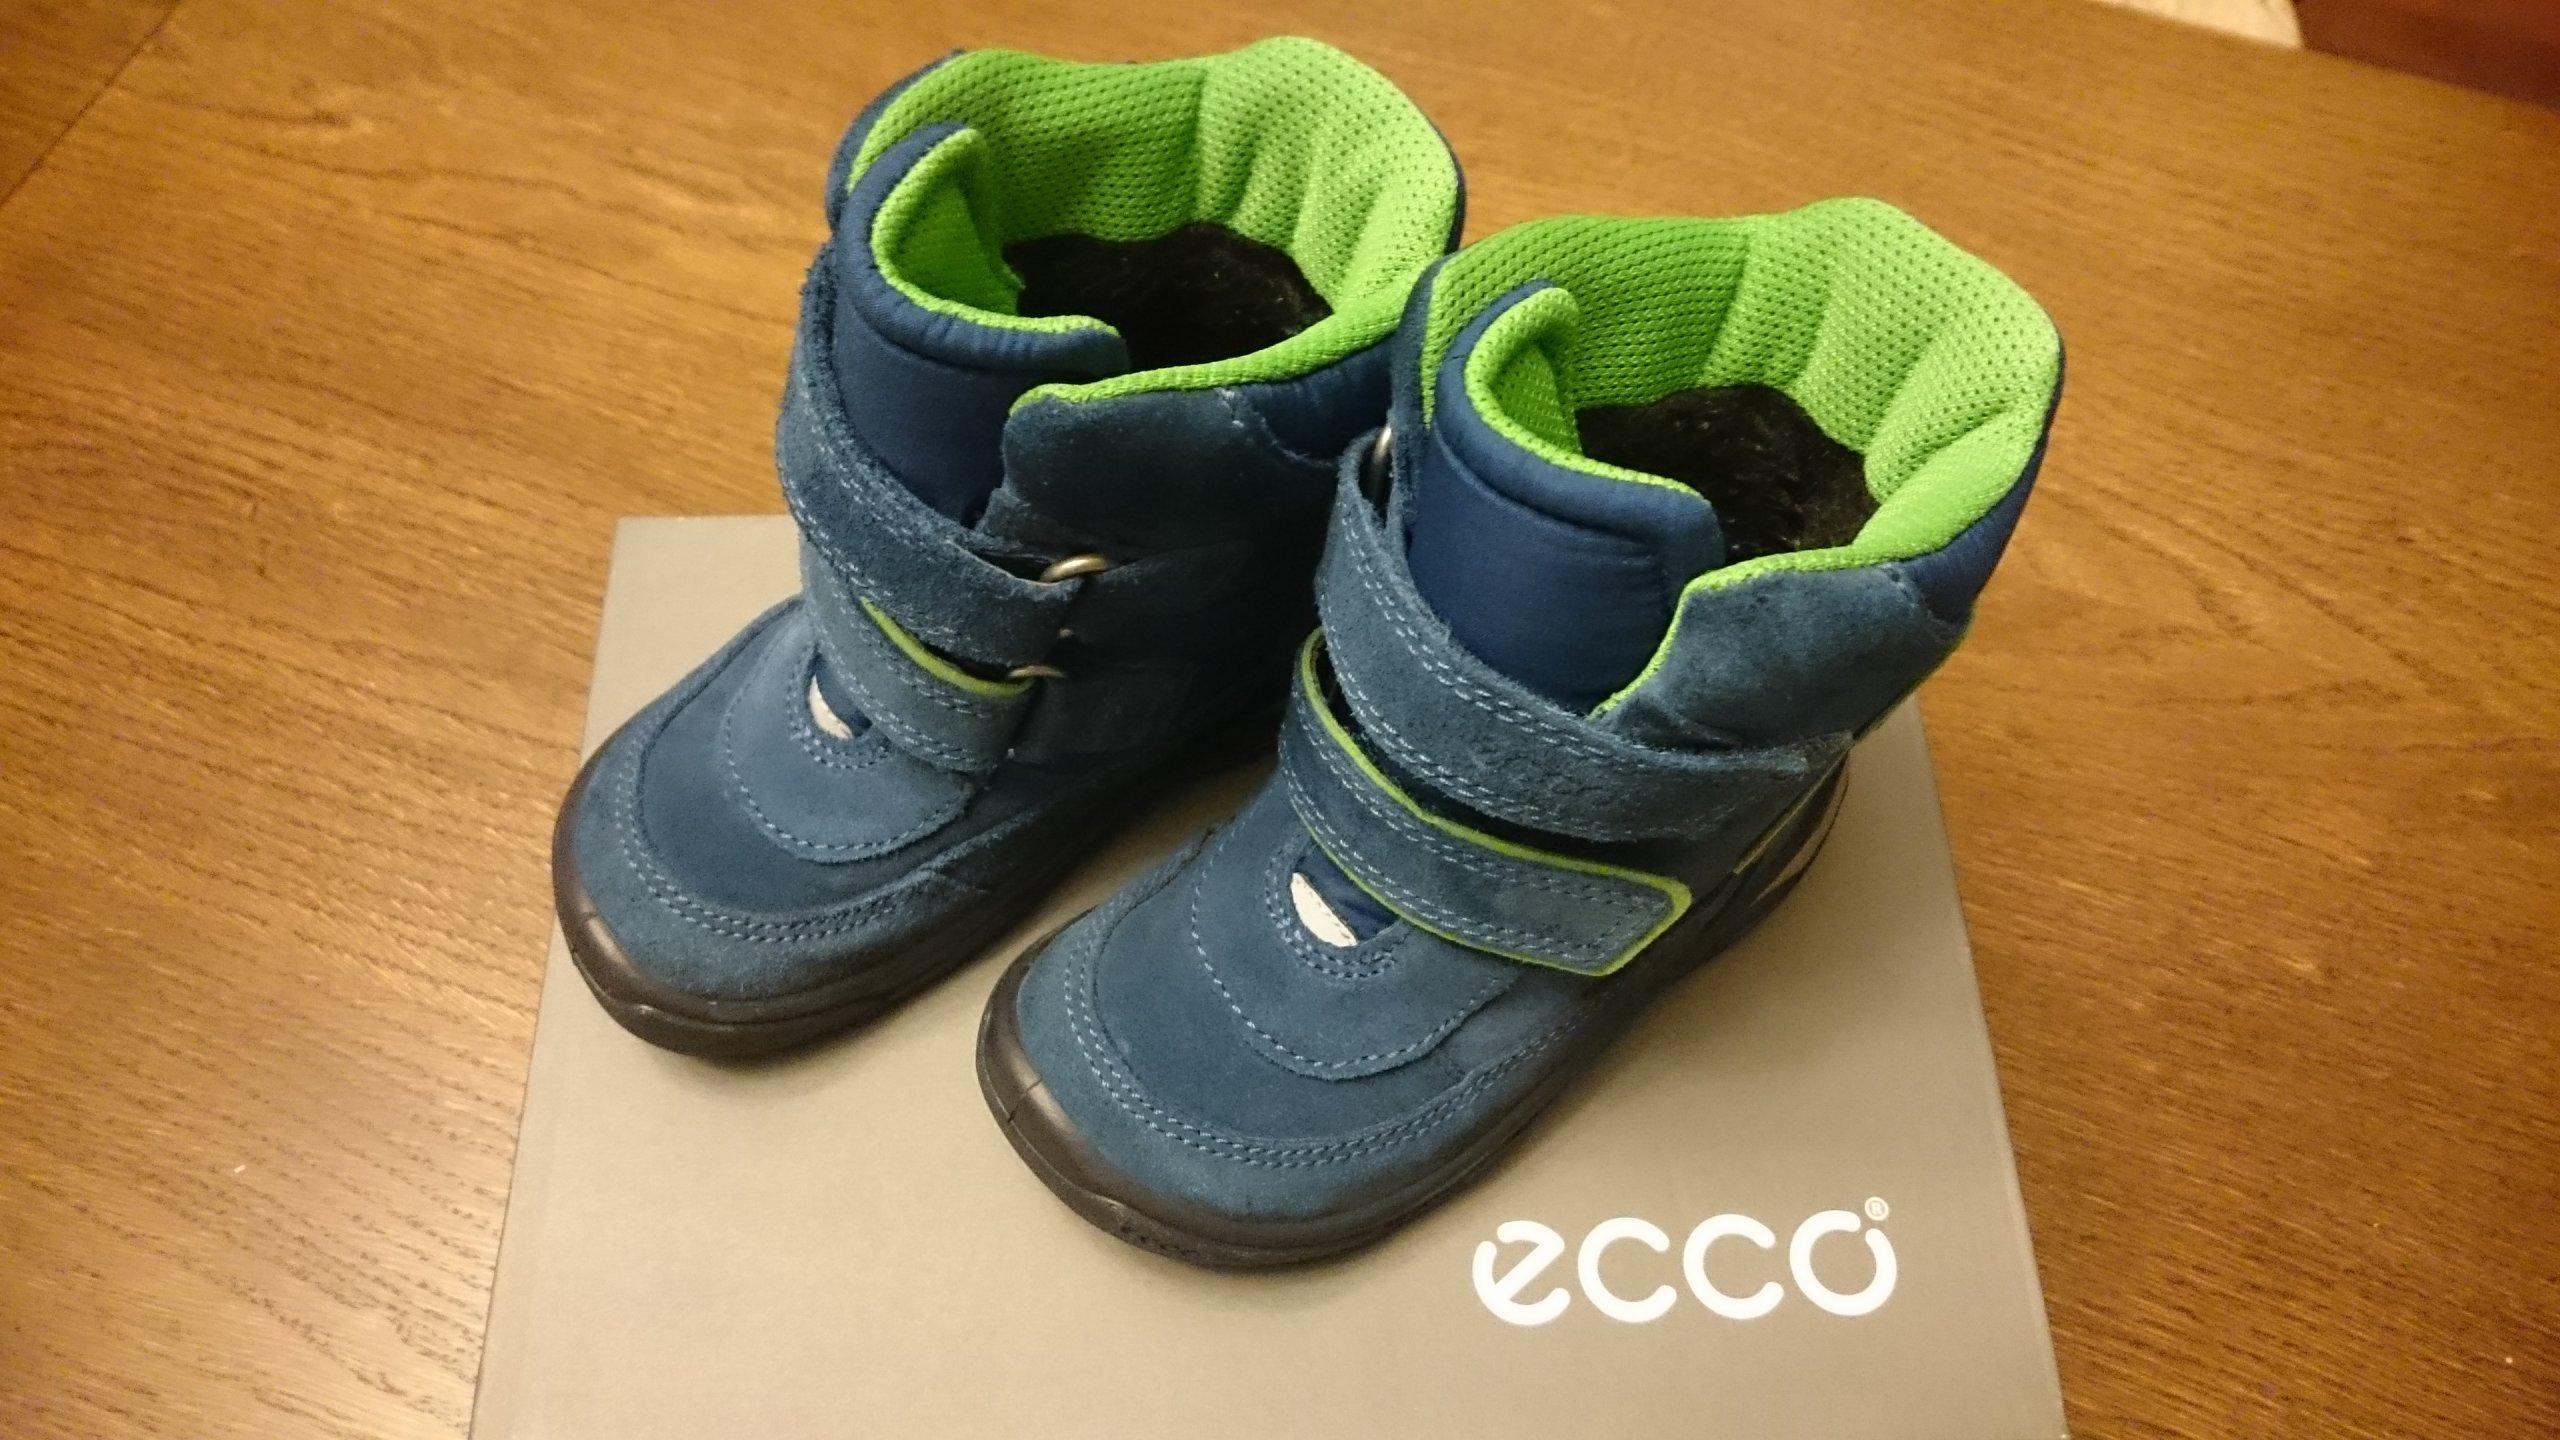 6e084d31 Kozaki buty zimowe dziecięce Ecco Snowride r. 24 - 7035284618 ...